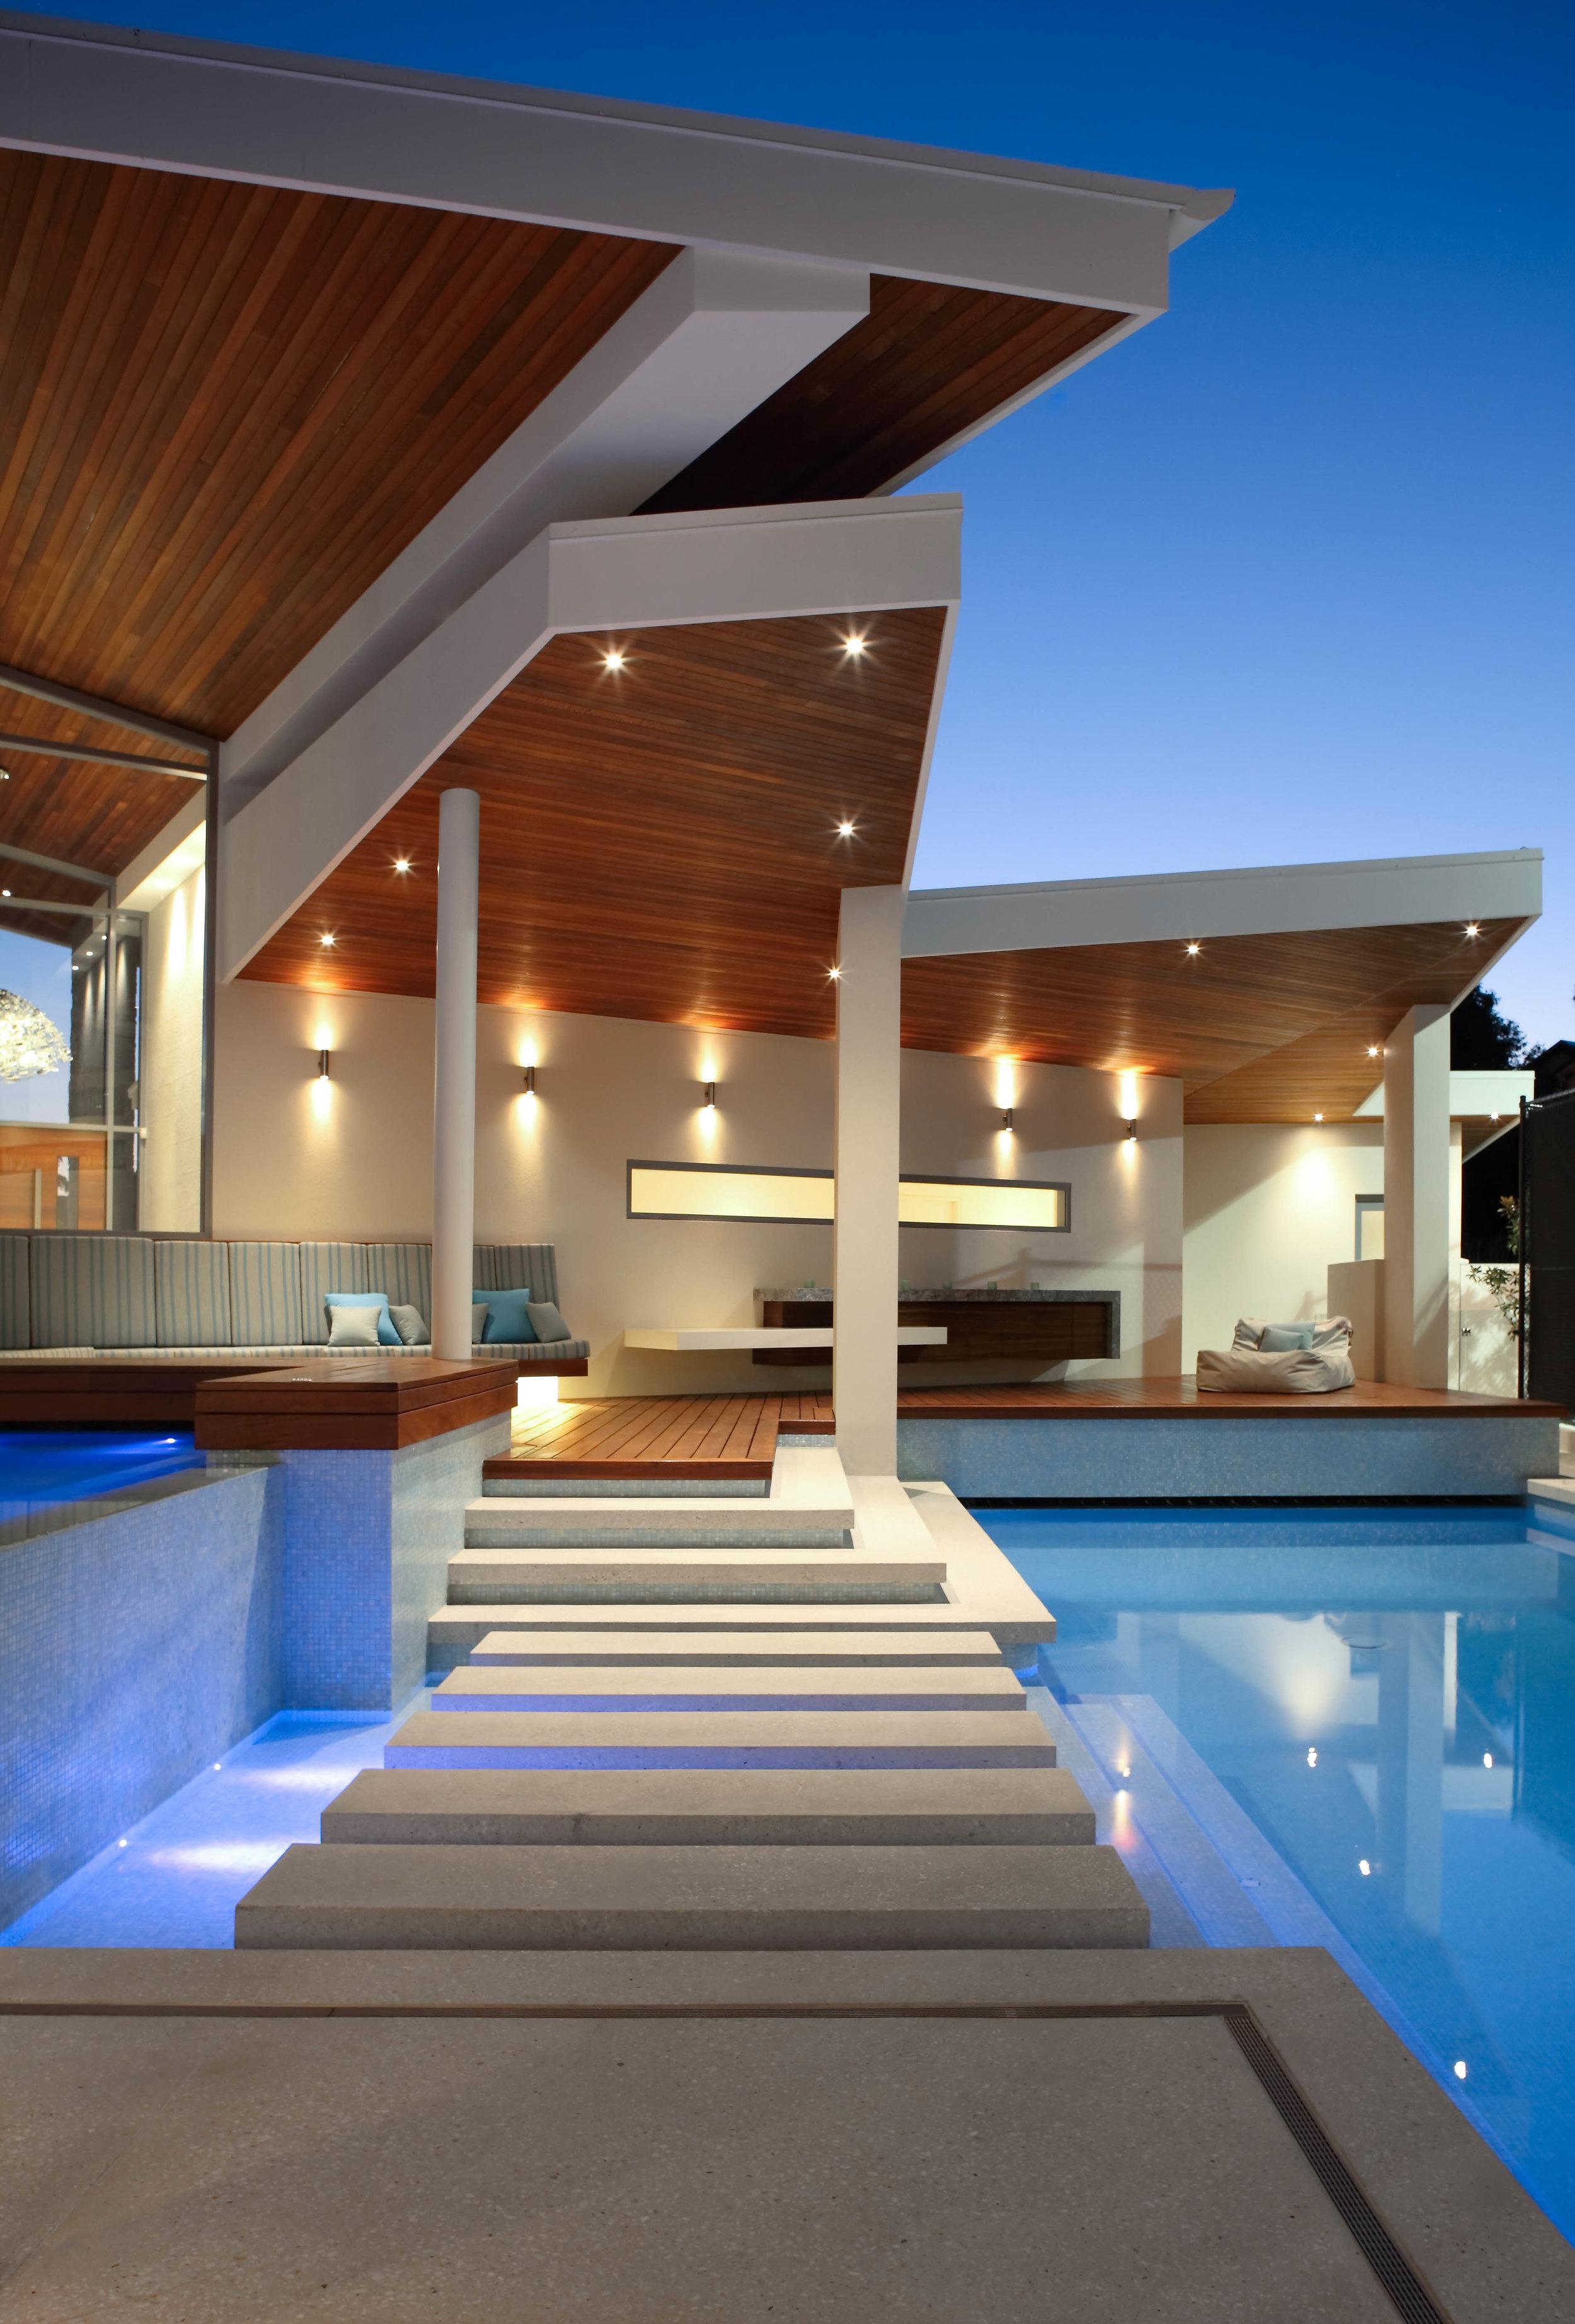 13 Wesley 10 night poolside 1.jpg